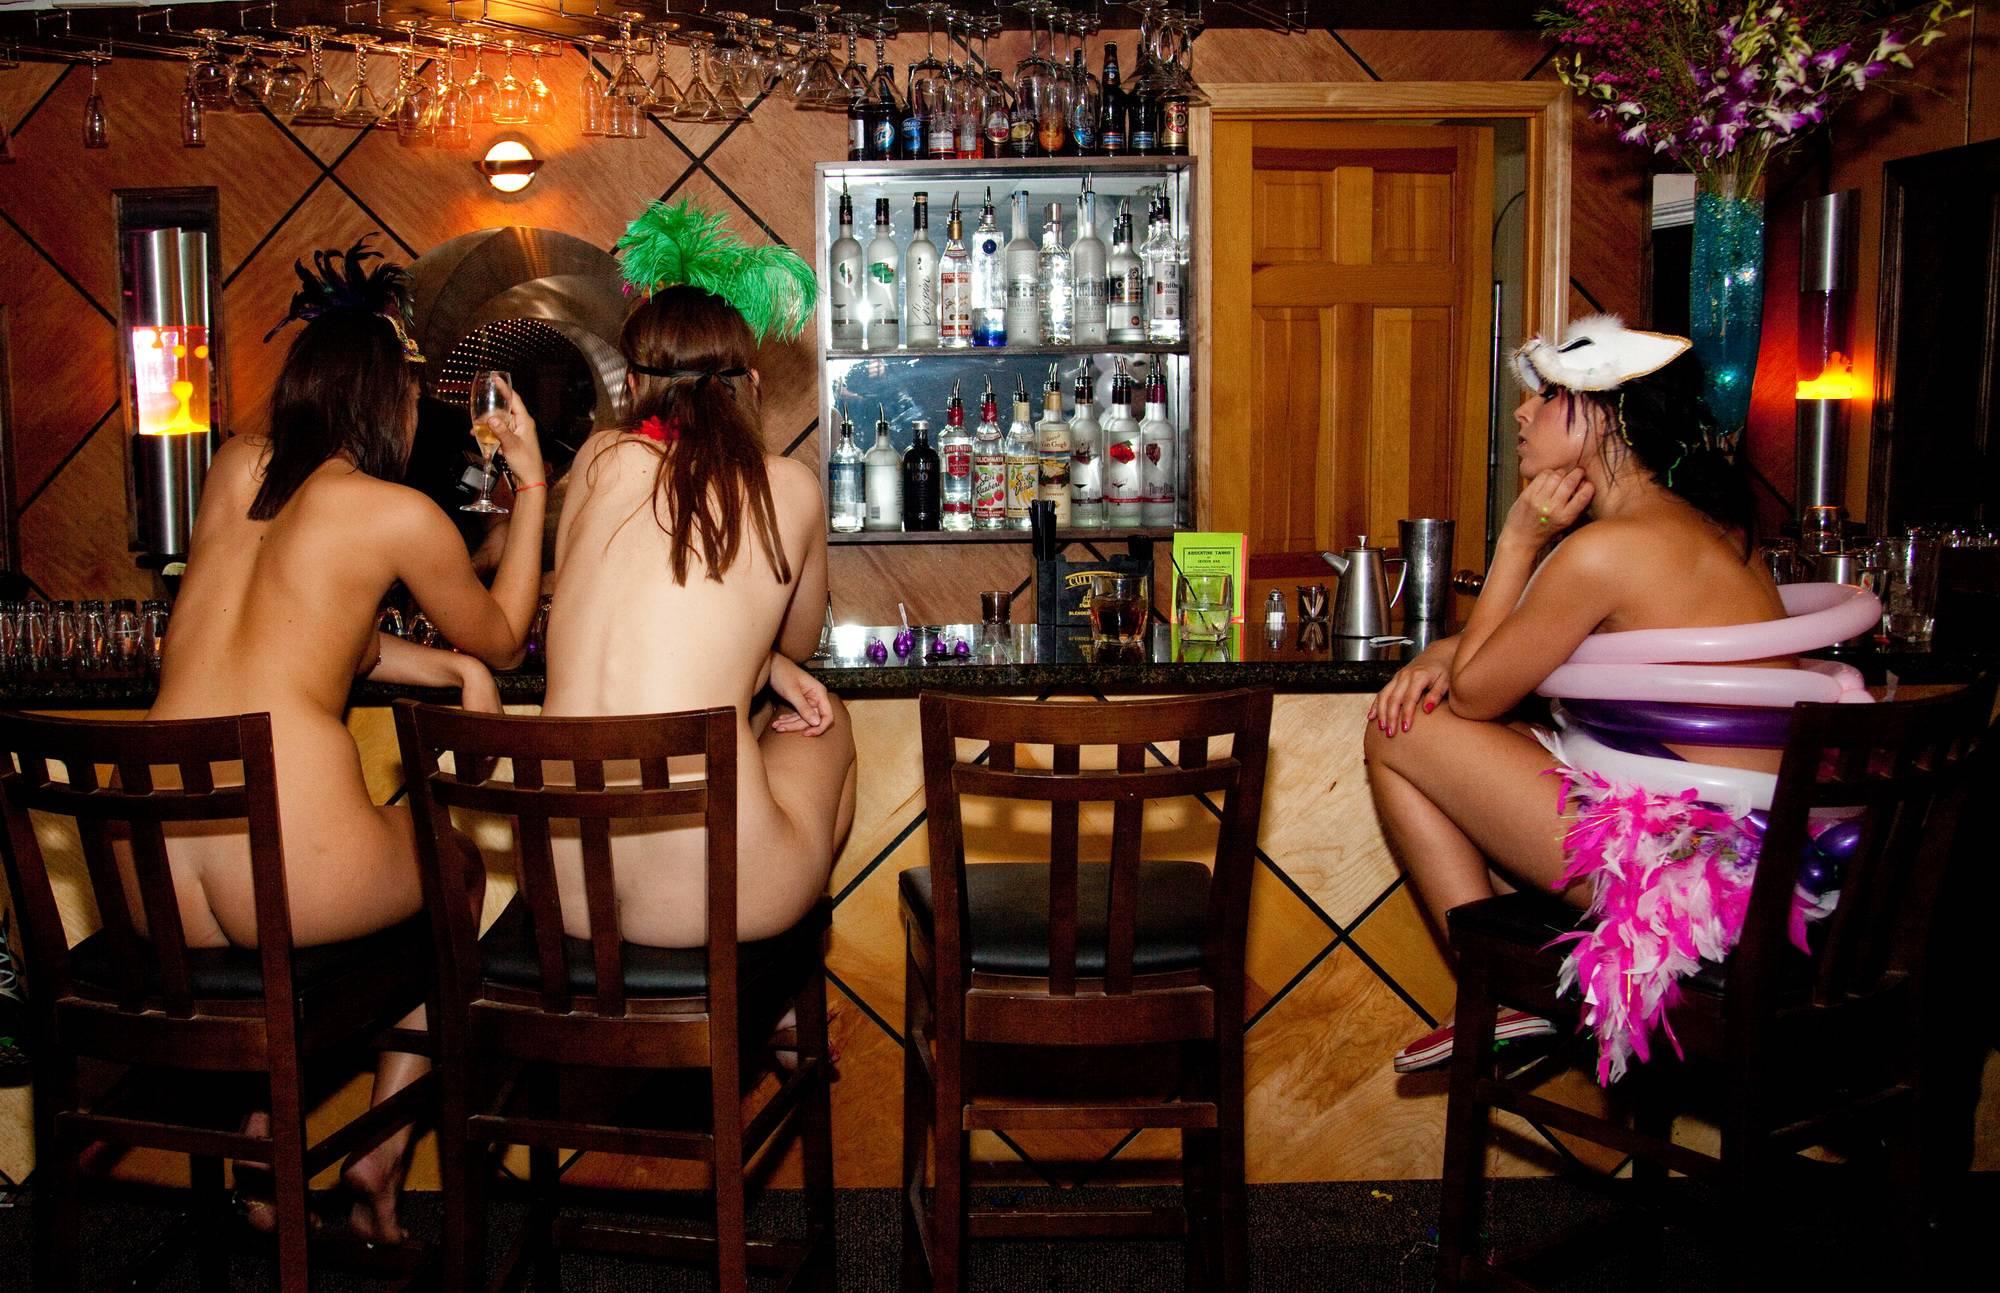 Nudist Pictures Masquerade Bar Scene - 1